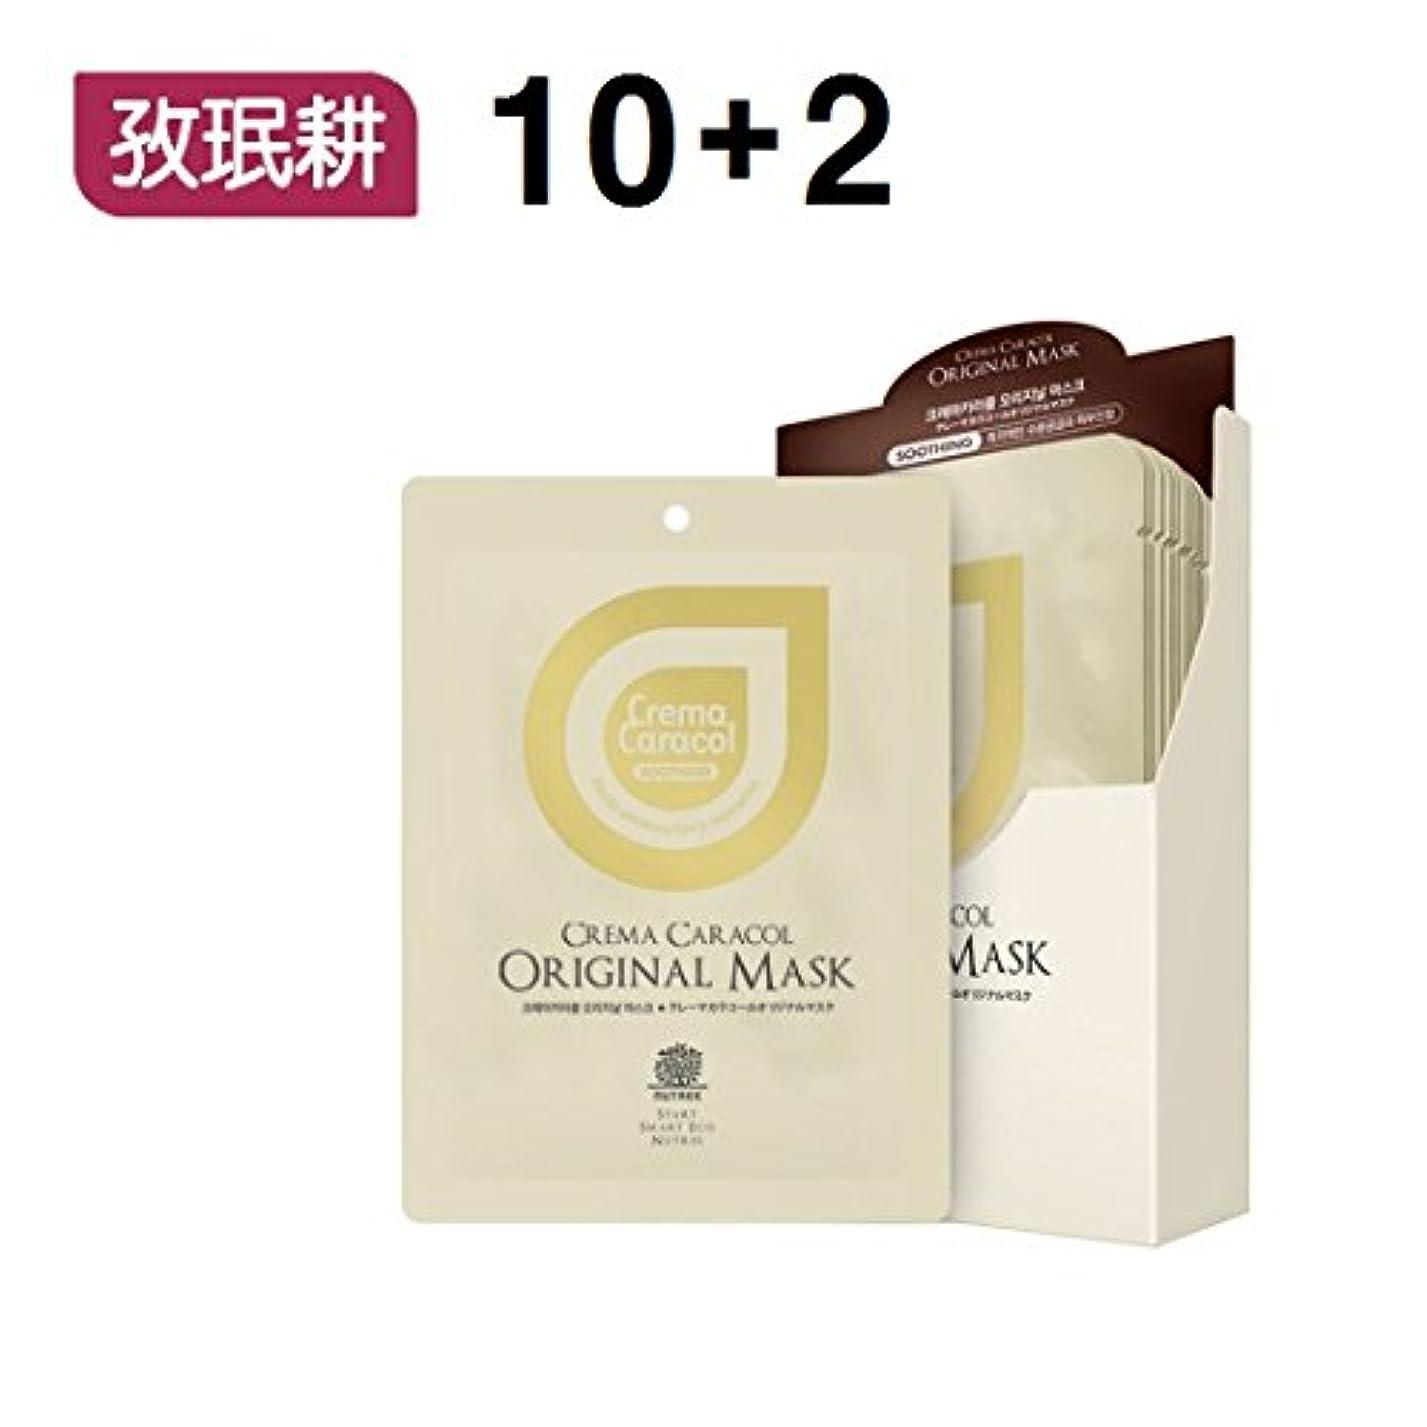 掻く半円セットするJaminkyung Crema Caracol Original Mask 10+2 / ジャミンギョン クレマカラコールオリジナルマスク 10+2 [並行輸入品]